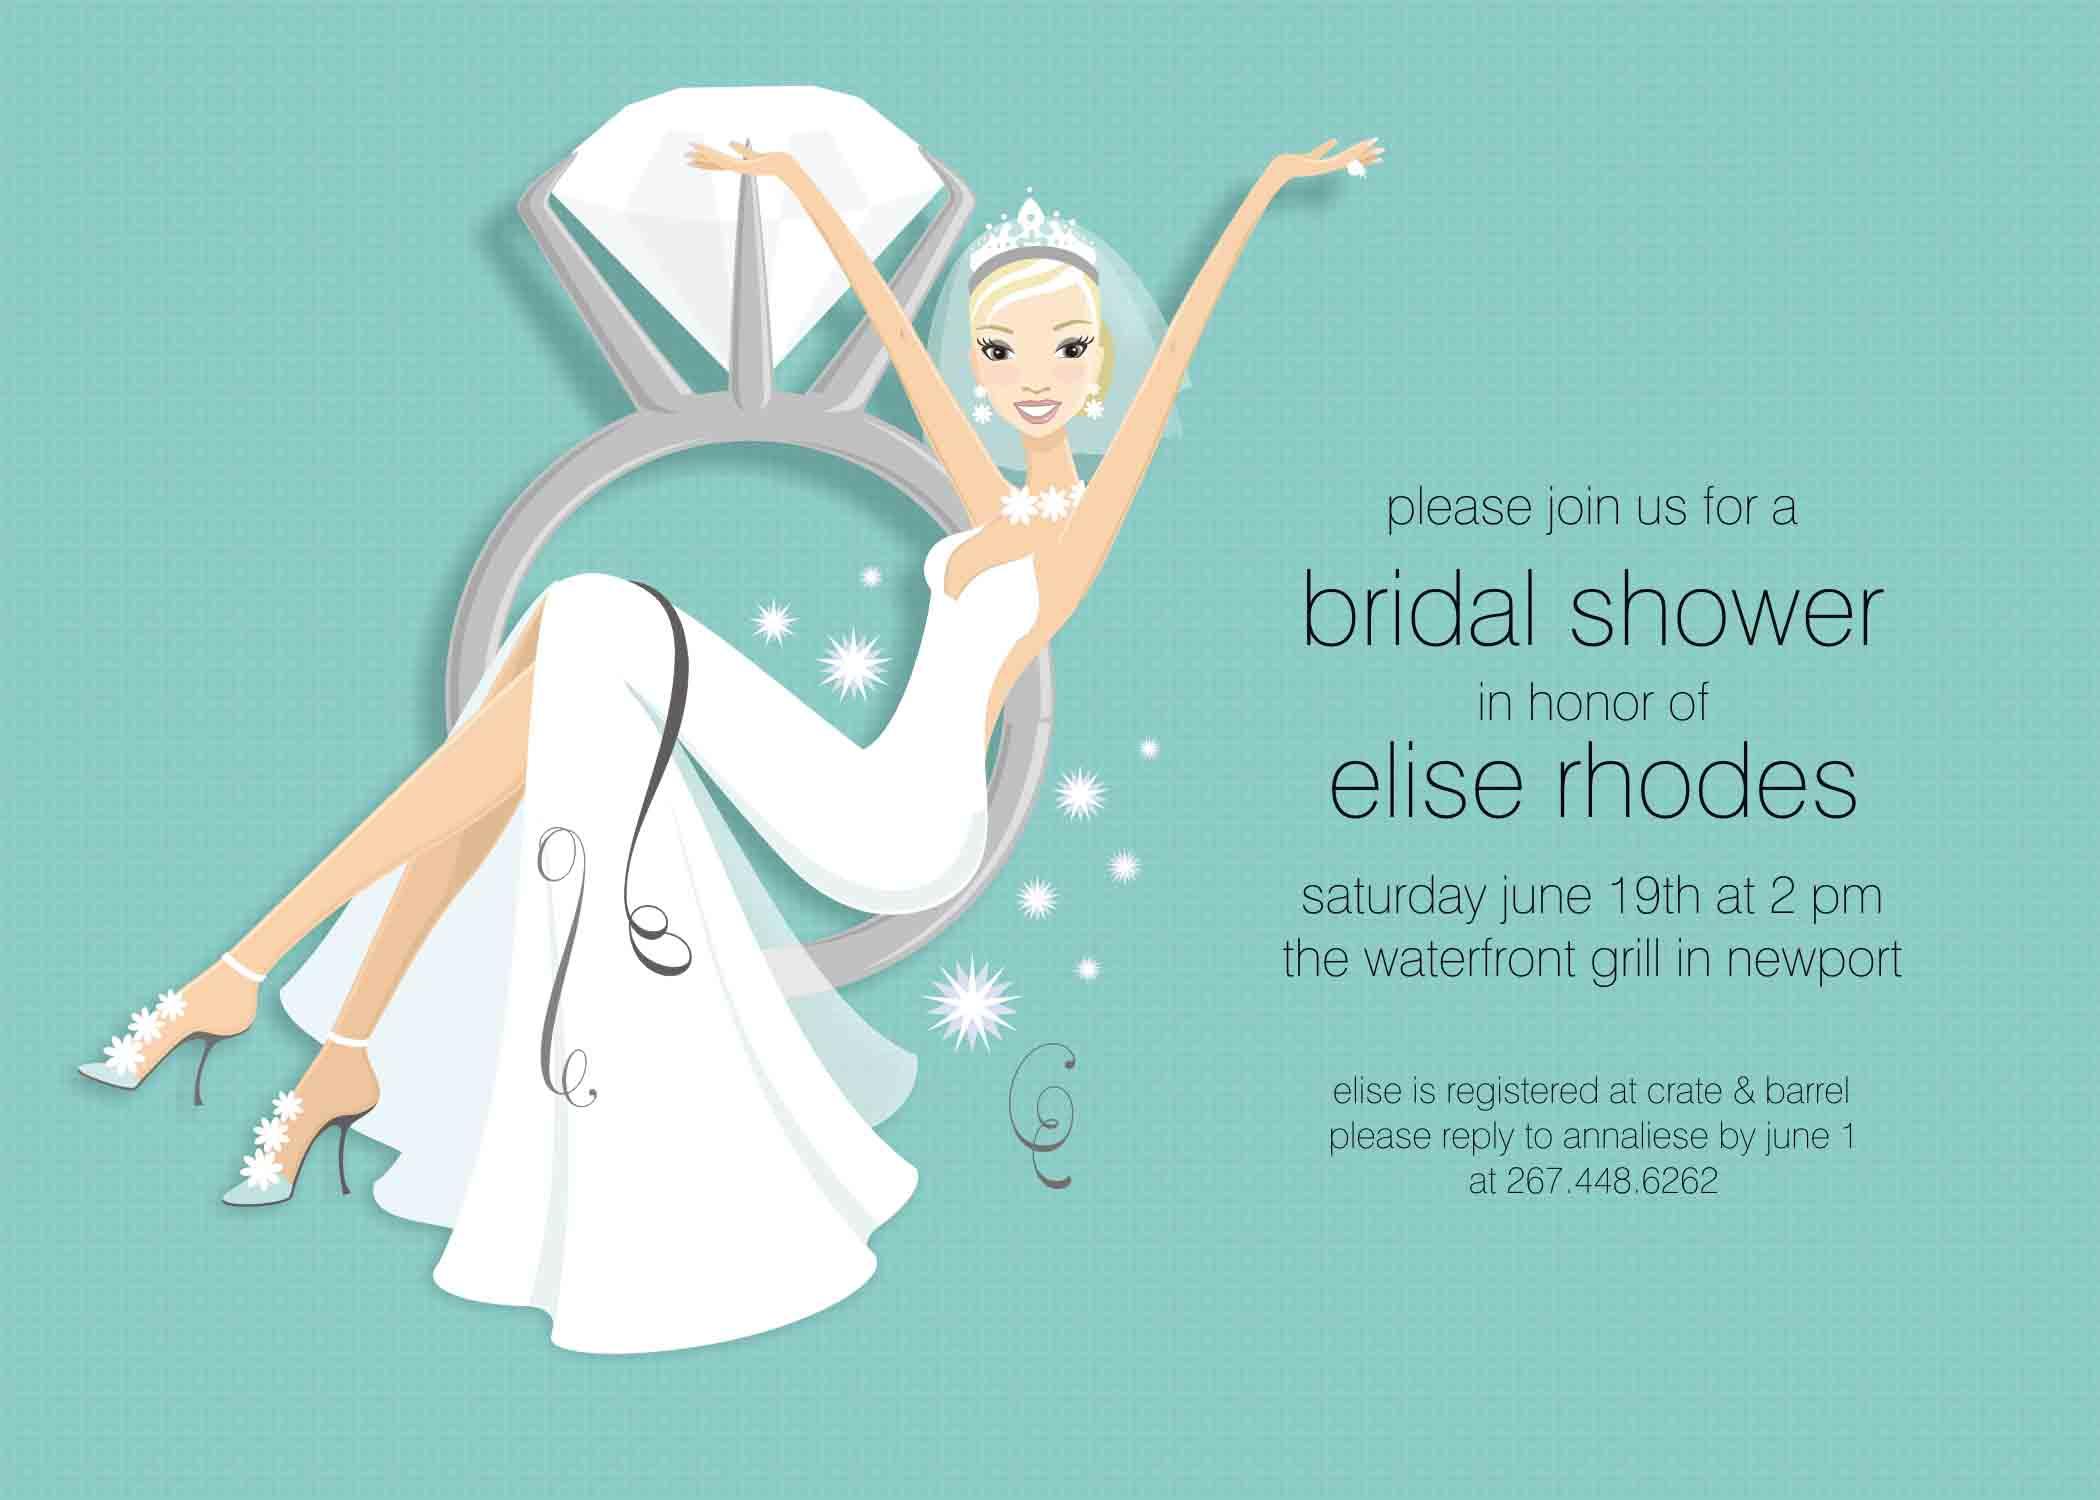 Bride clipart bridal shower, Picture #300841 bride clipart.